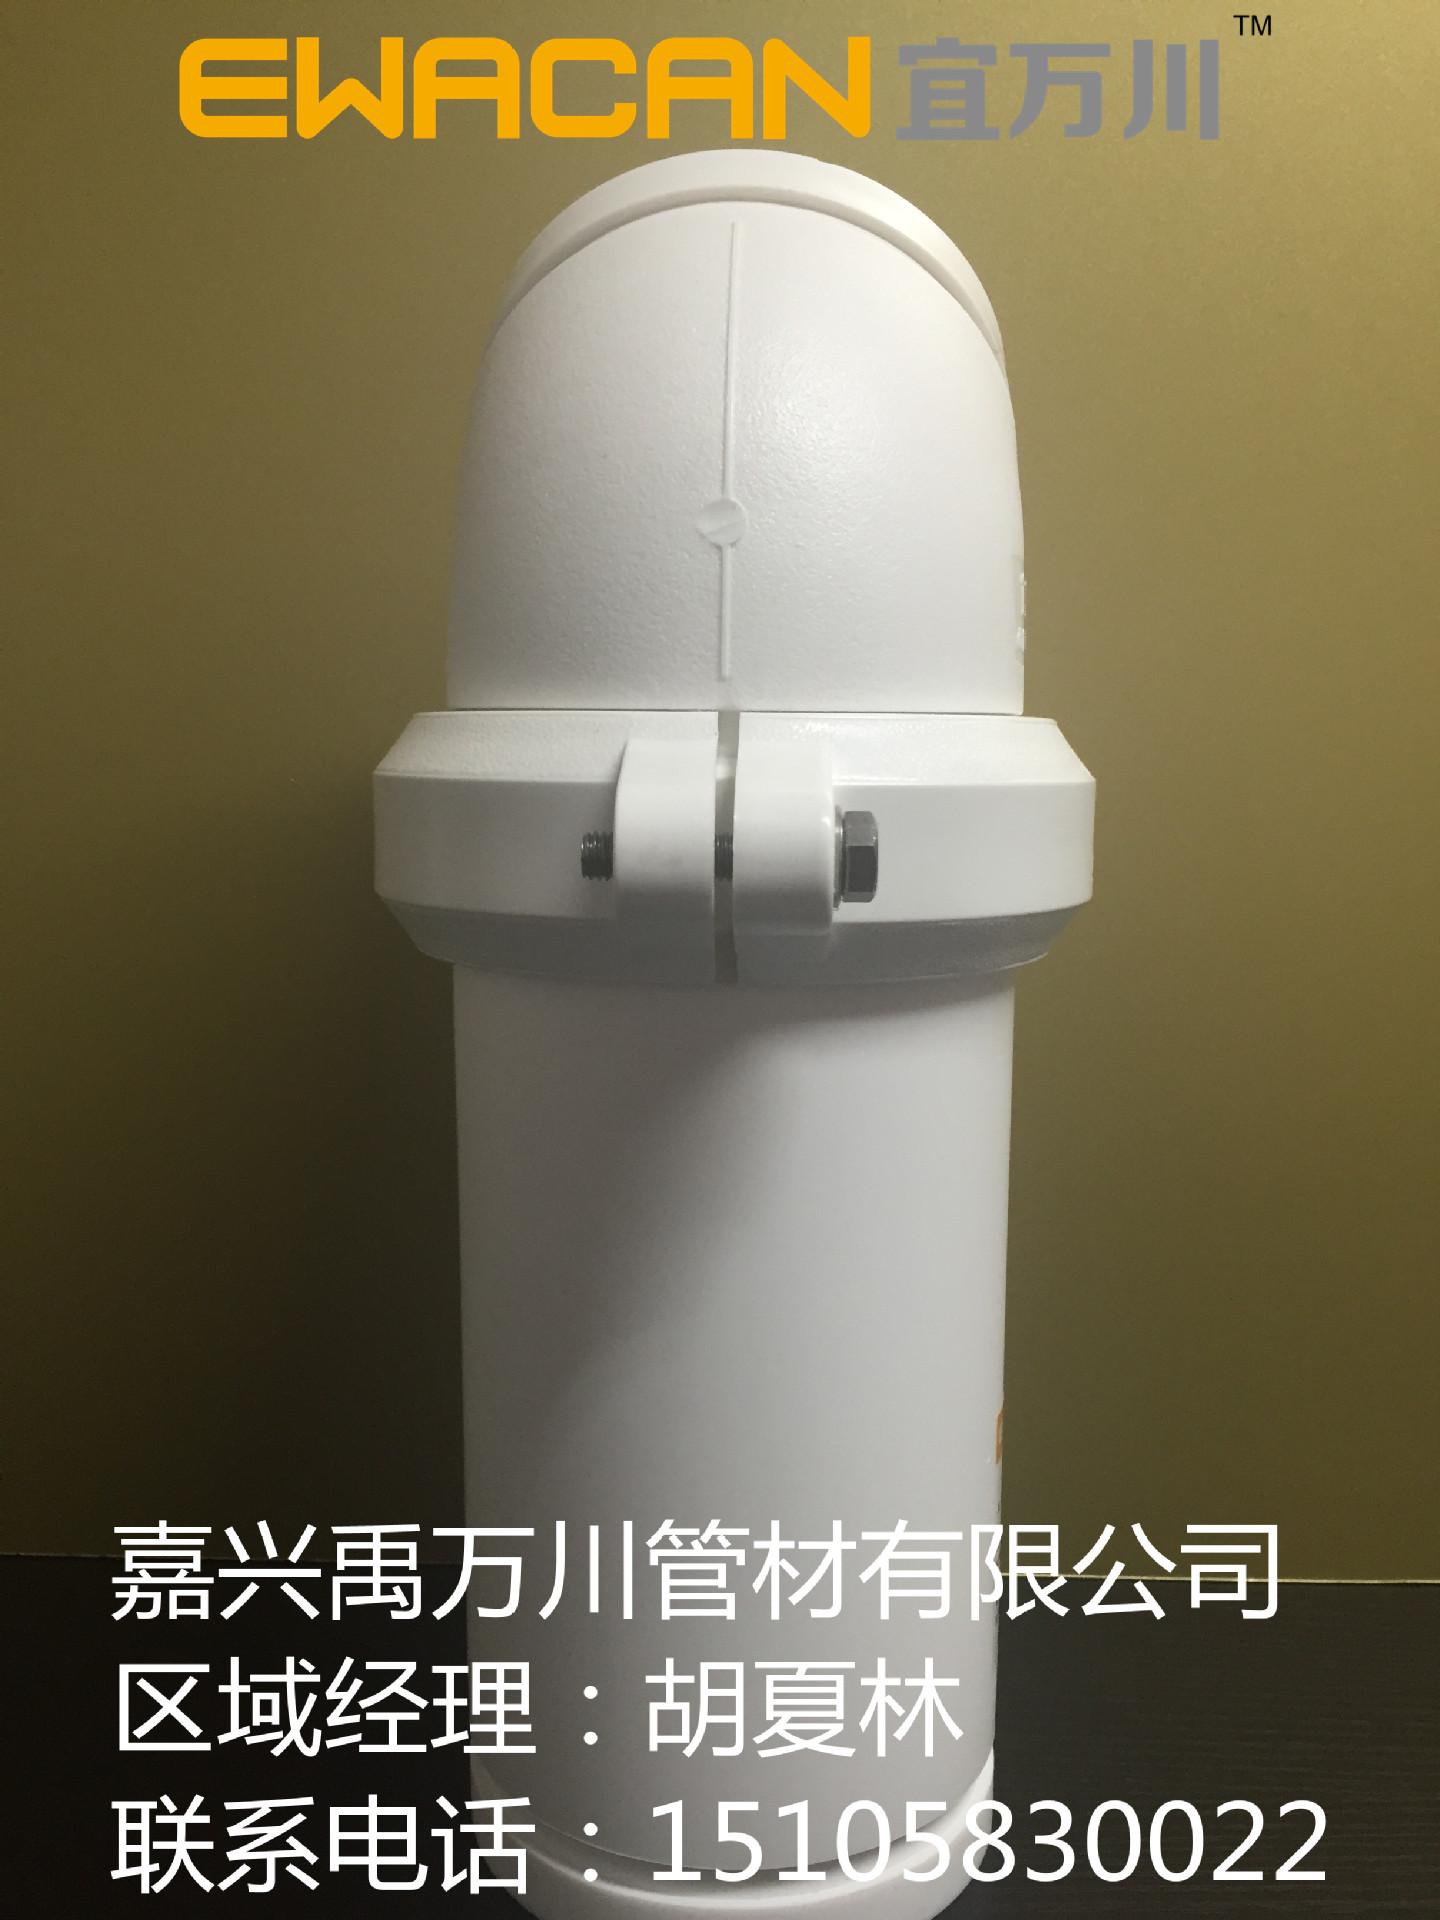 沟槽式hdpe静音排水管,hdpe沟槽管宜万川柔性连接PE管ABS卡箍示例图6